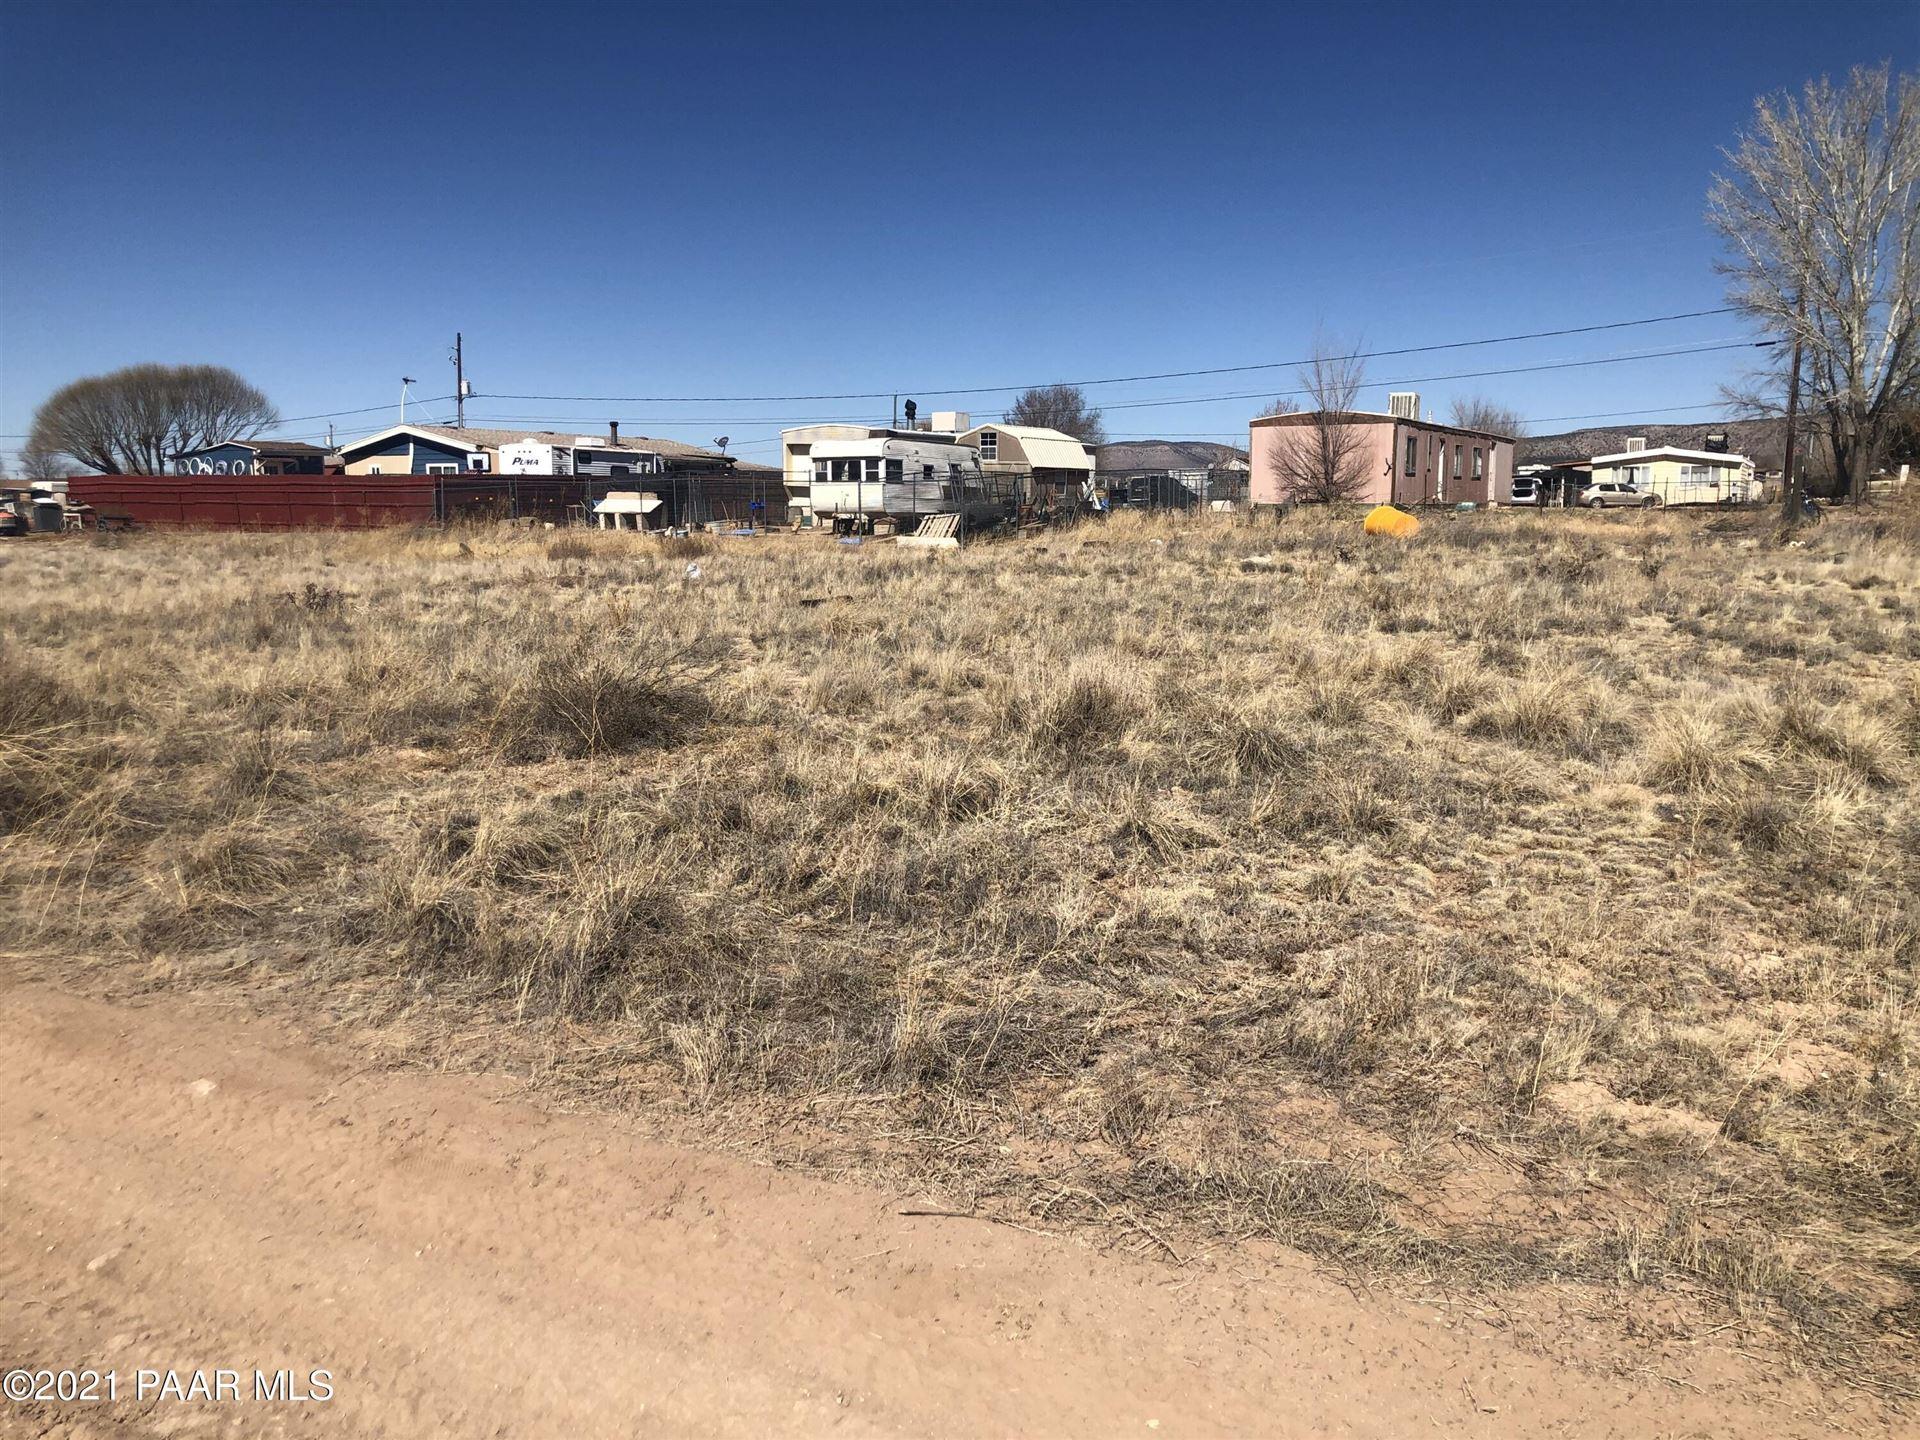 238 W Zion Trail #Lot: 148, Paulden, AZ 86334 - MLS#: 1036228